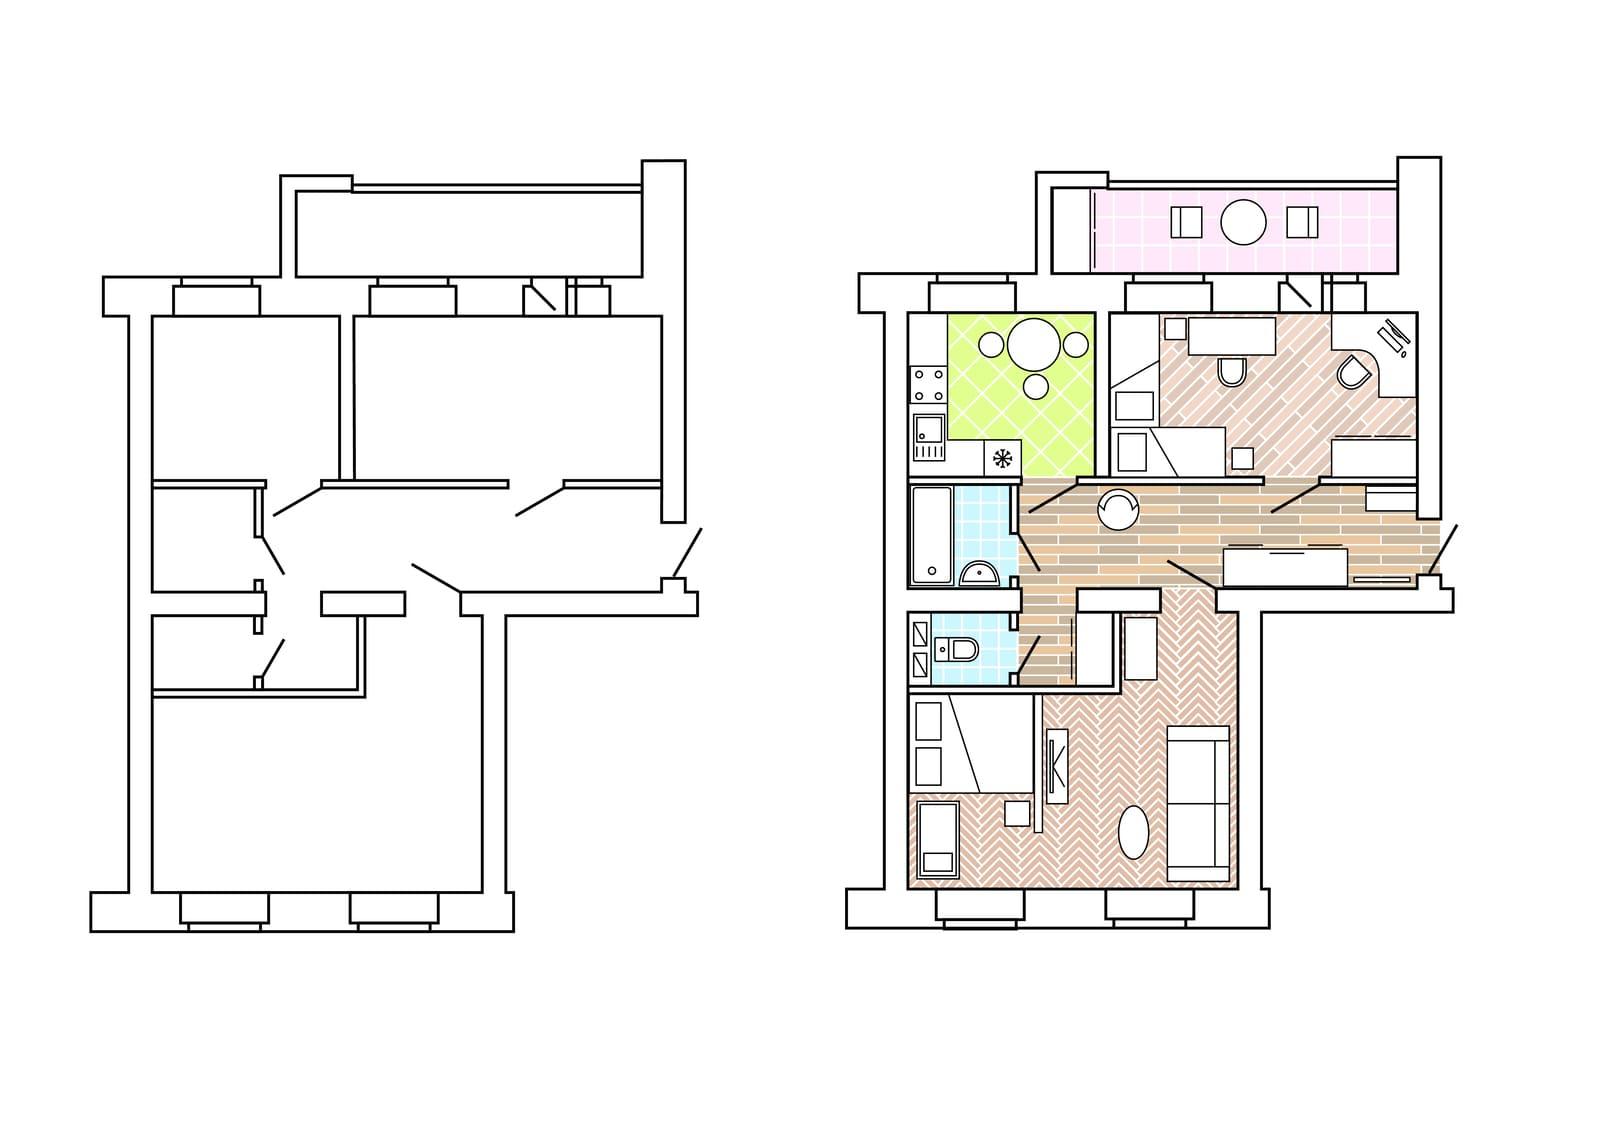 Standart floor plan